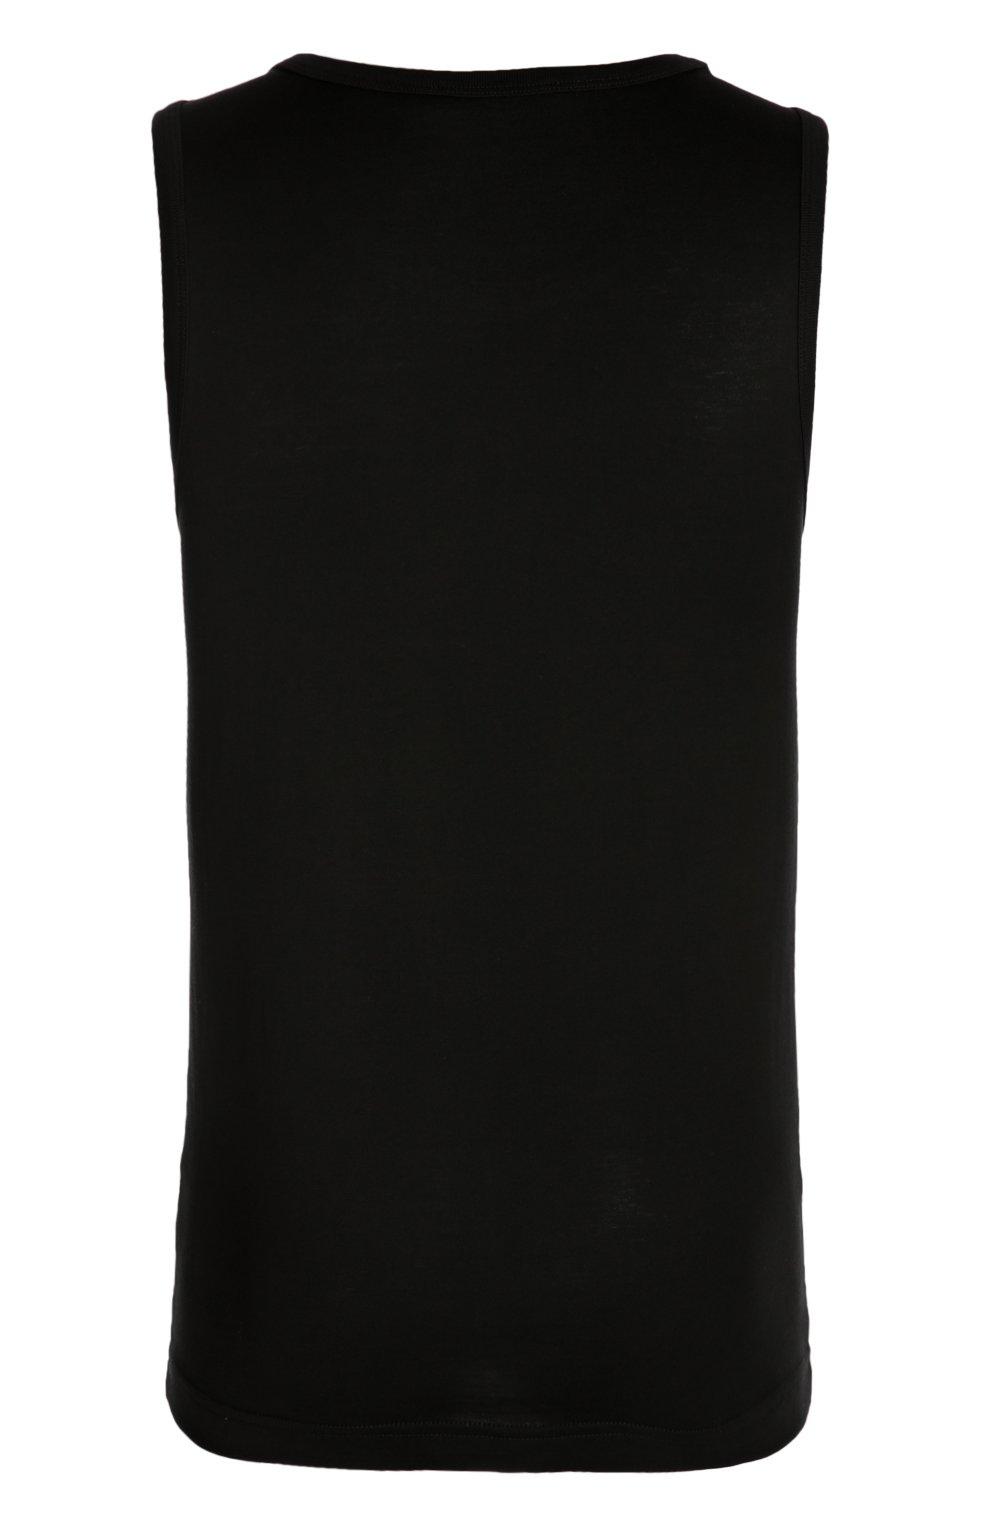 Хлопковая майка Dolce & Gabbana черная   Фото №2